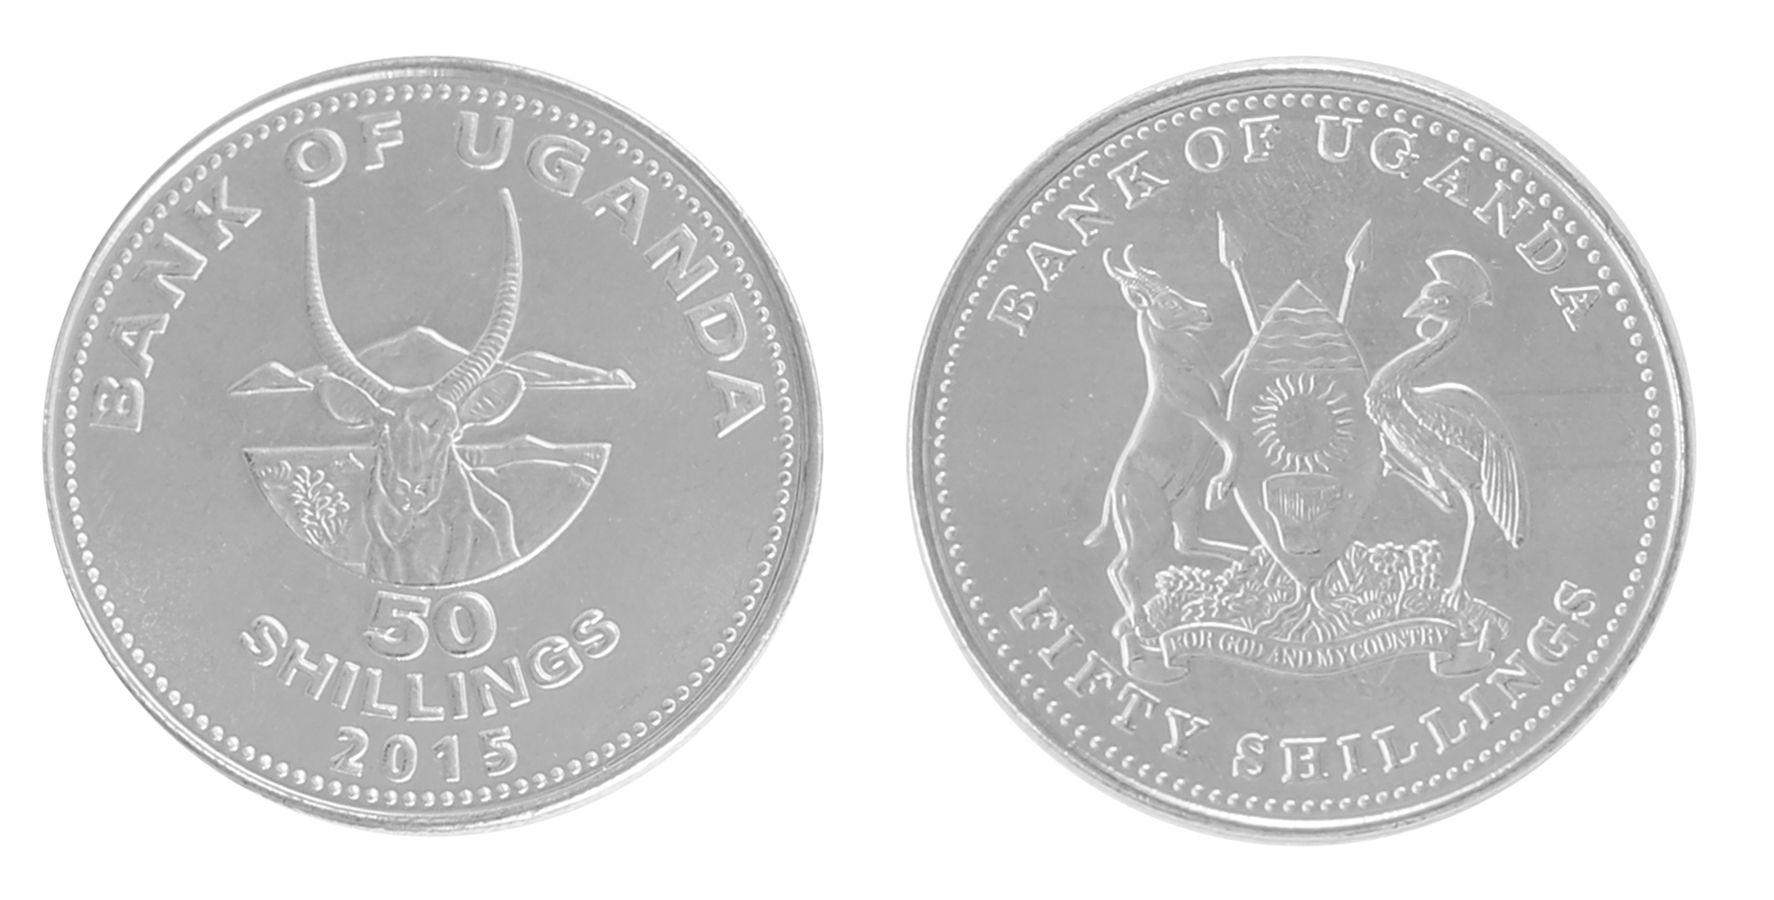 Uganda 50 c 1 shilling set of 2 coins